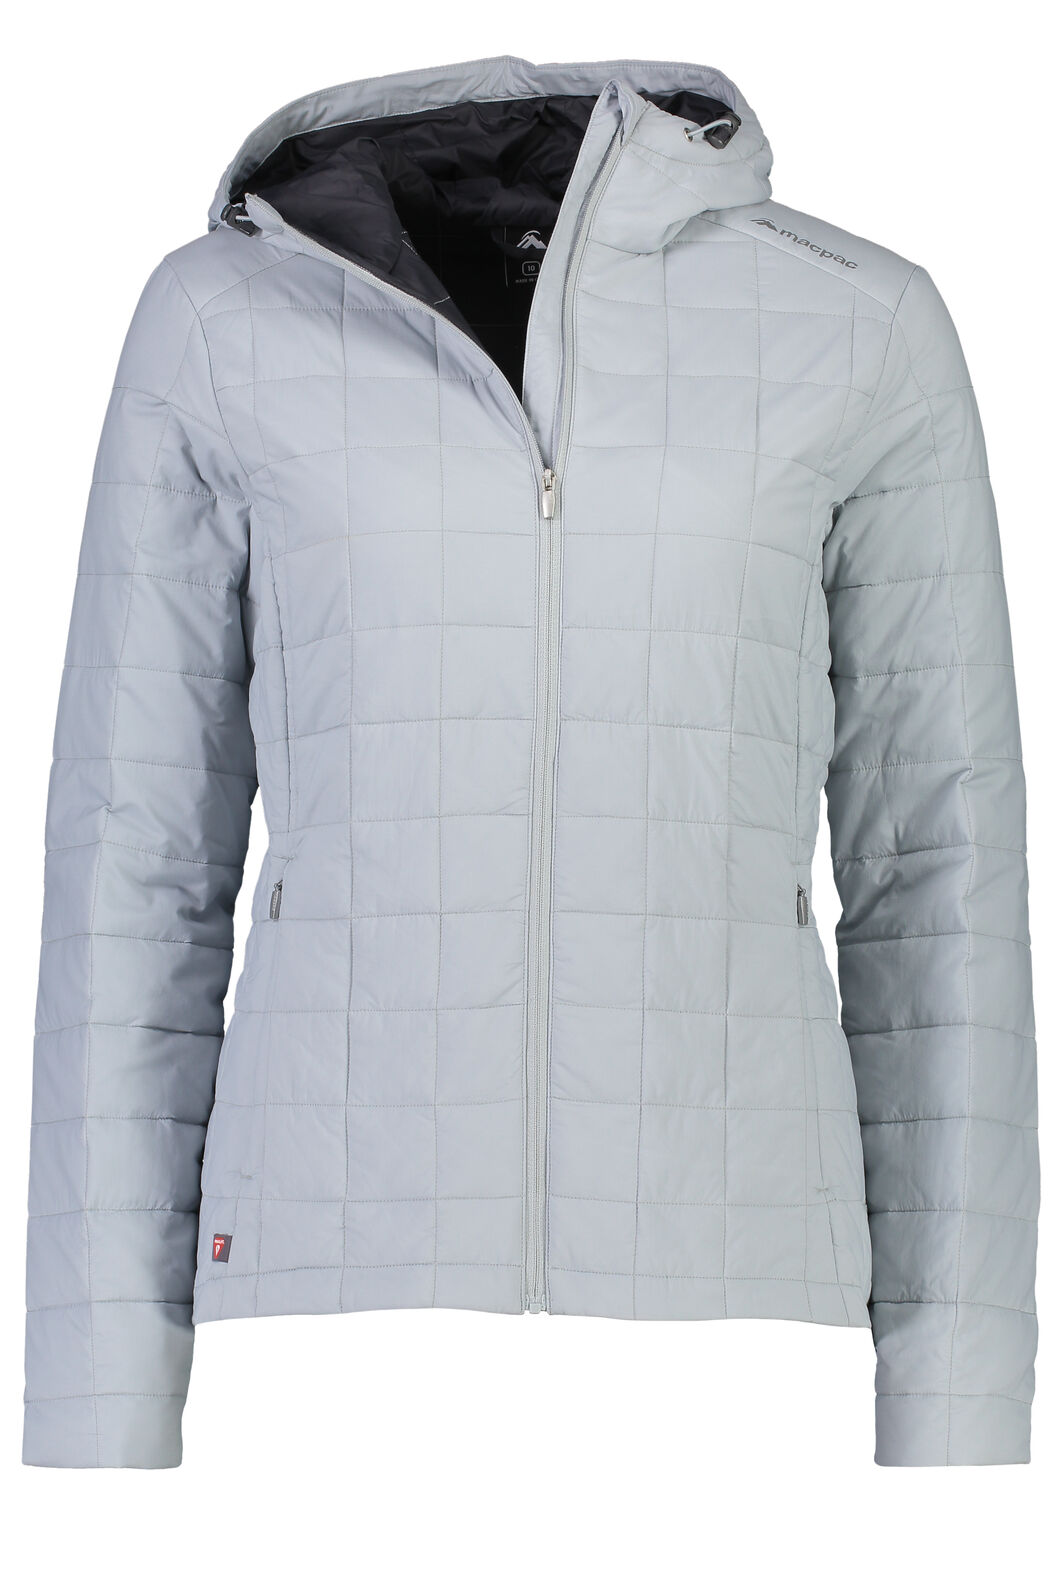 Macpac ETA PrimaLoft® Jacket - Women's, Pearl, hi-res